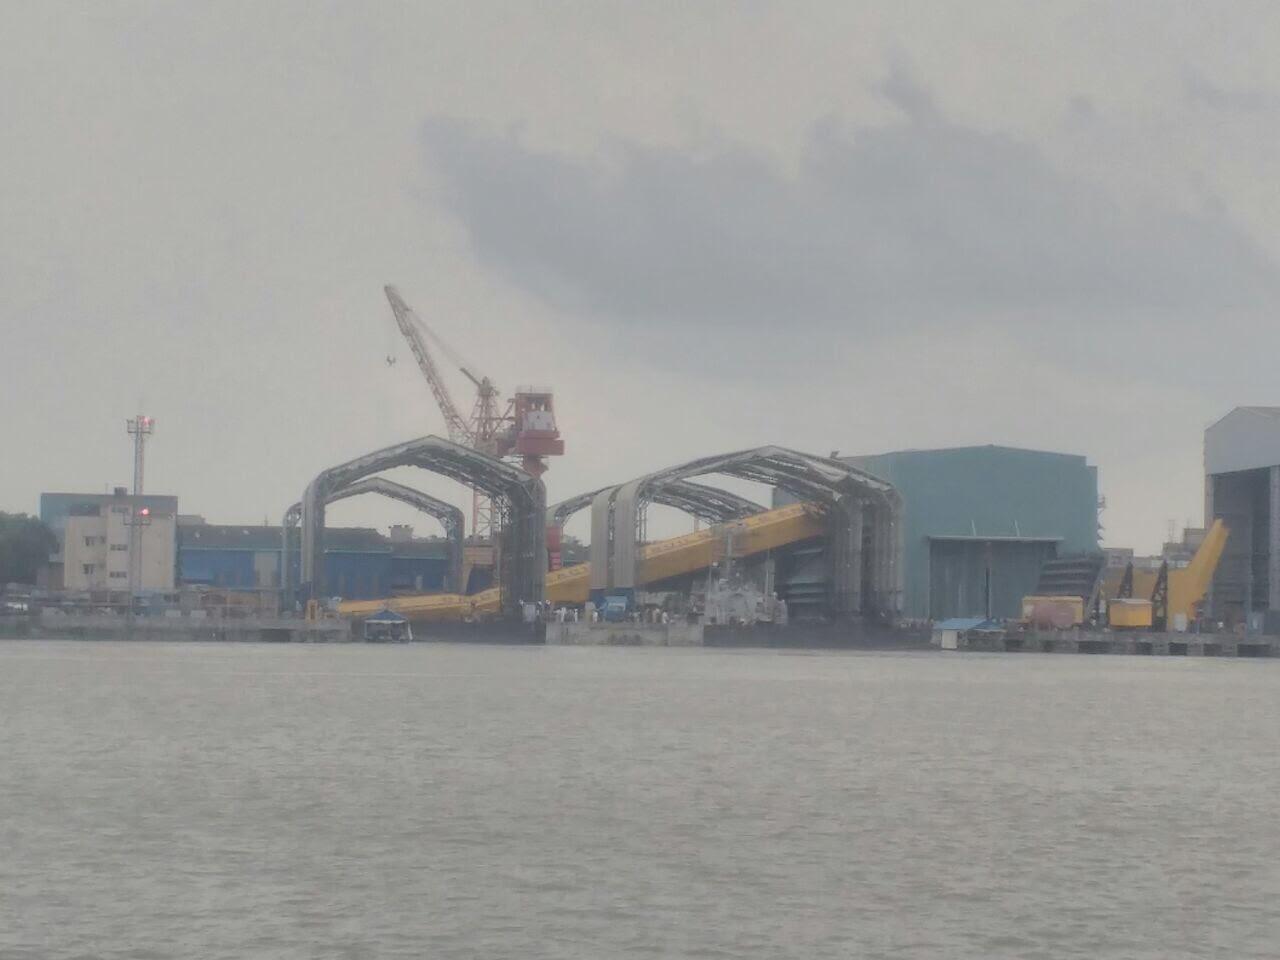 Рухнувший 17.04.2018 250-тонный главный козловый подъемный кран Goliath индийского судостроительного предприятия Garden Reach Shipbuilders & Engineers (GRSE), Колката.